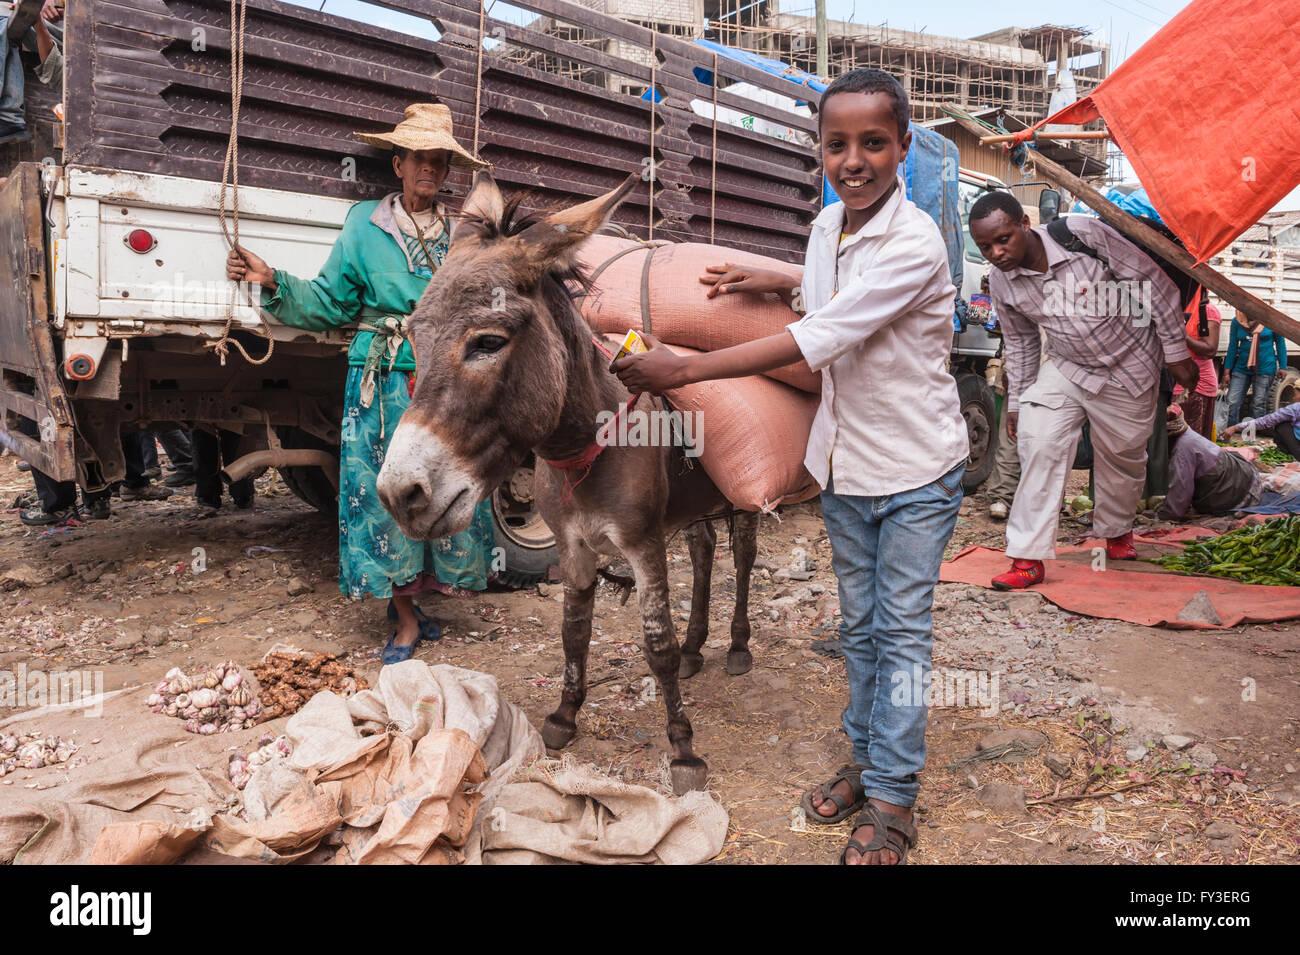 Markt Straßenszene, Mercato von Addis Abeba, Äthiopien Stockbild